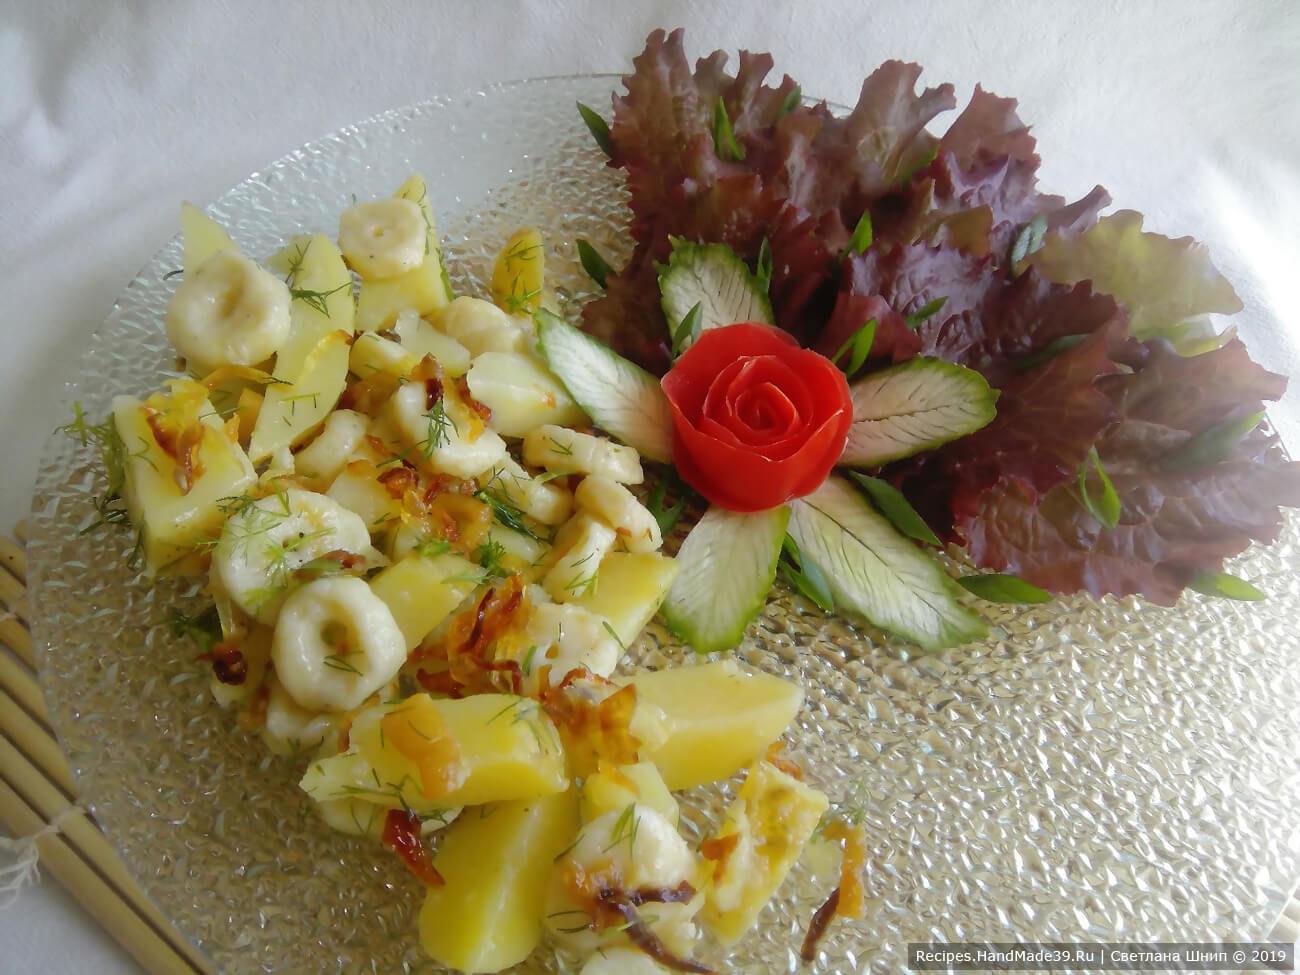 Галушки с картошкой и луком